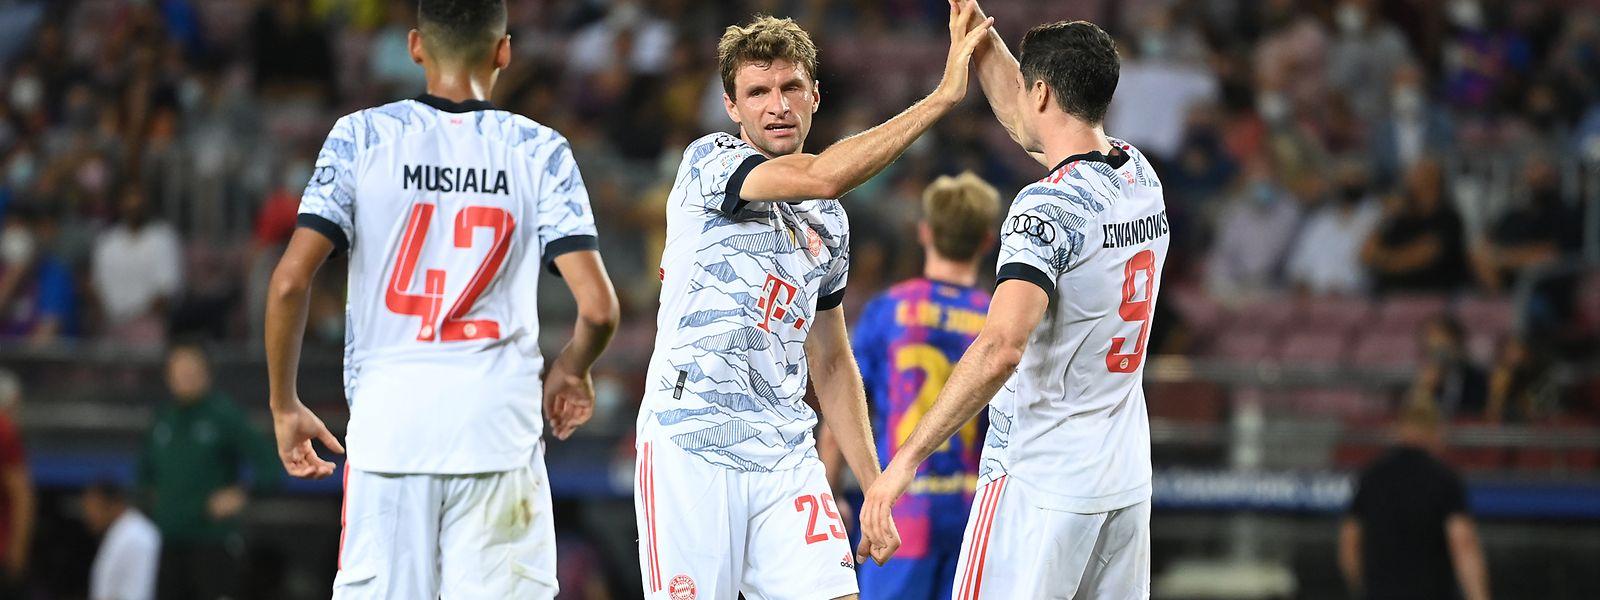 Münchens Mittelfeldspieler Jamal Musiala (l-r), Münchens Mittelfeldspieler Thomas Müller und Münchens Stürmer Robert Lewandowski freuen sich über das Tor von Müller zum 0:1.